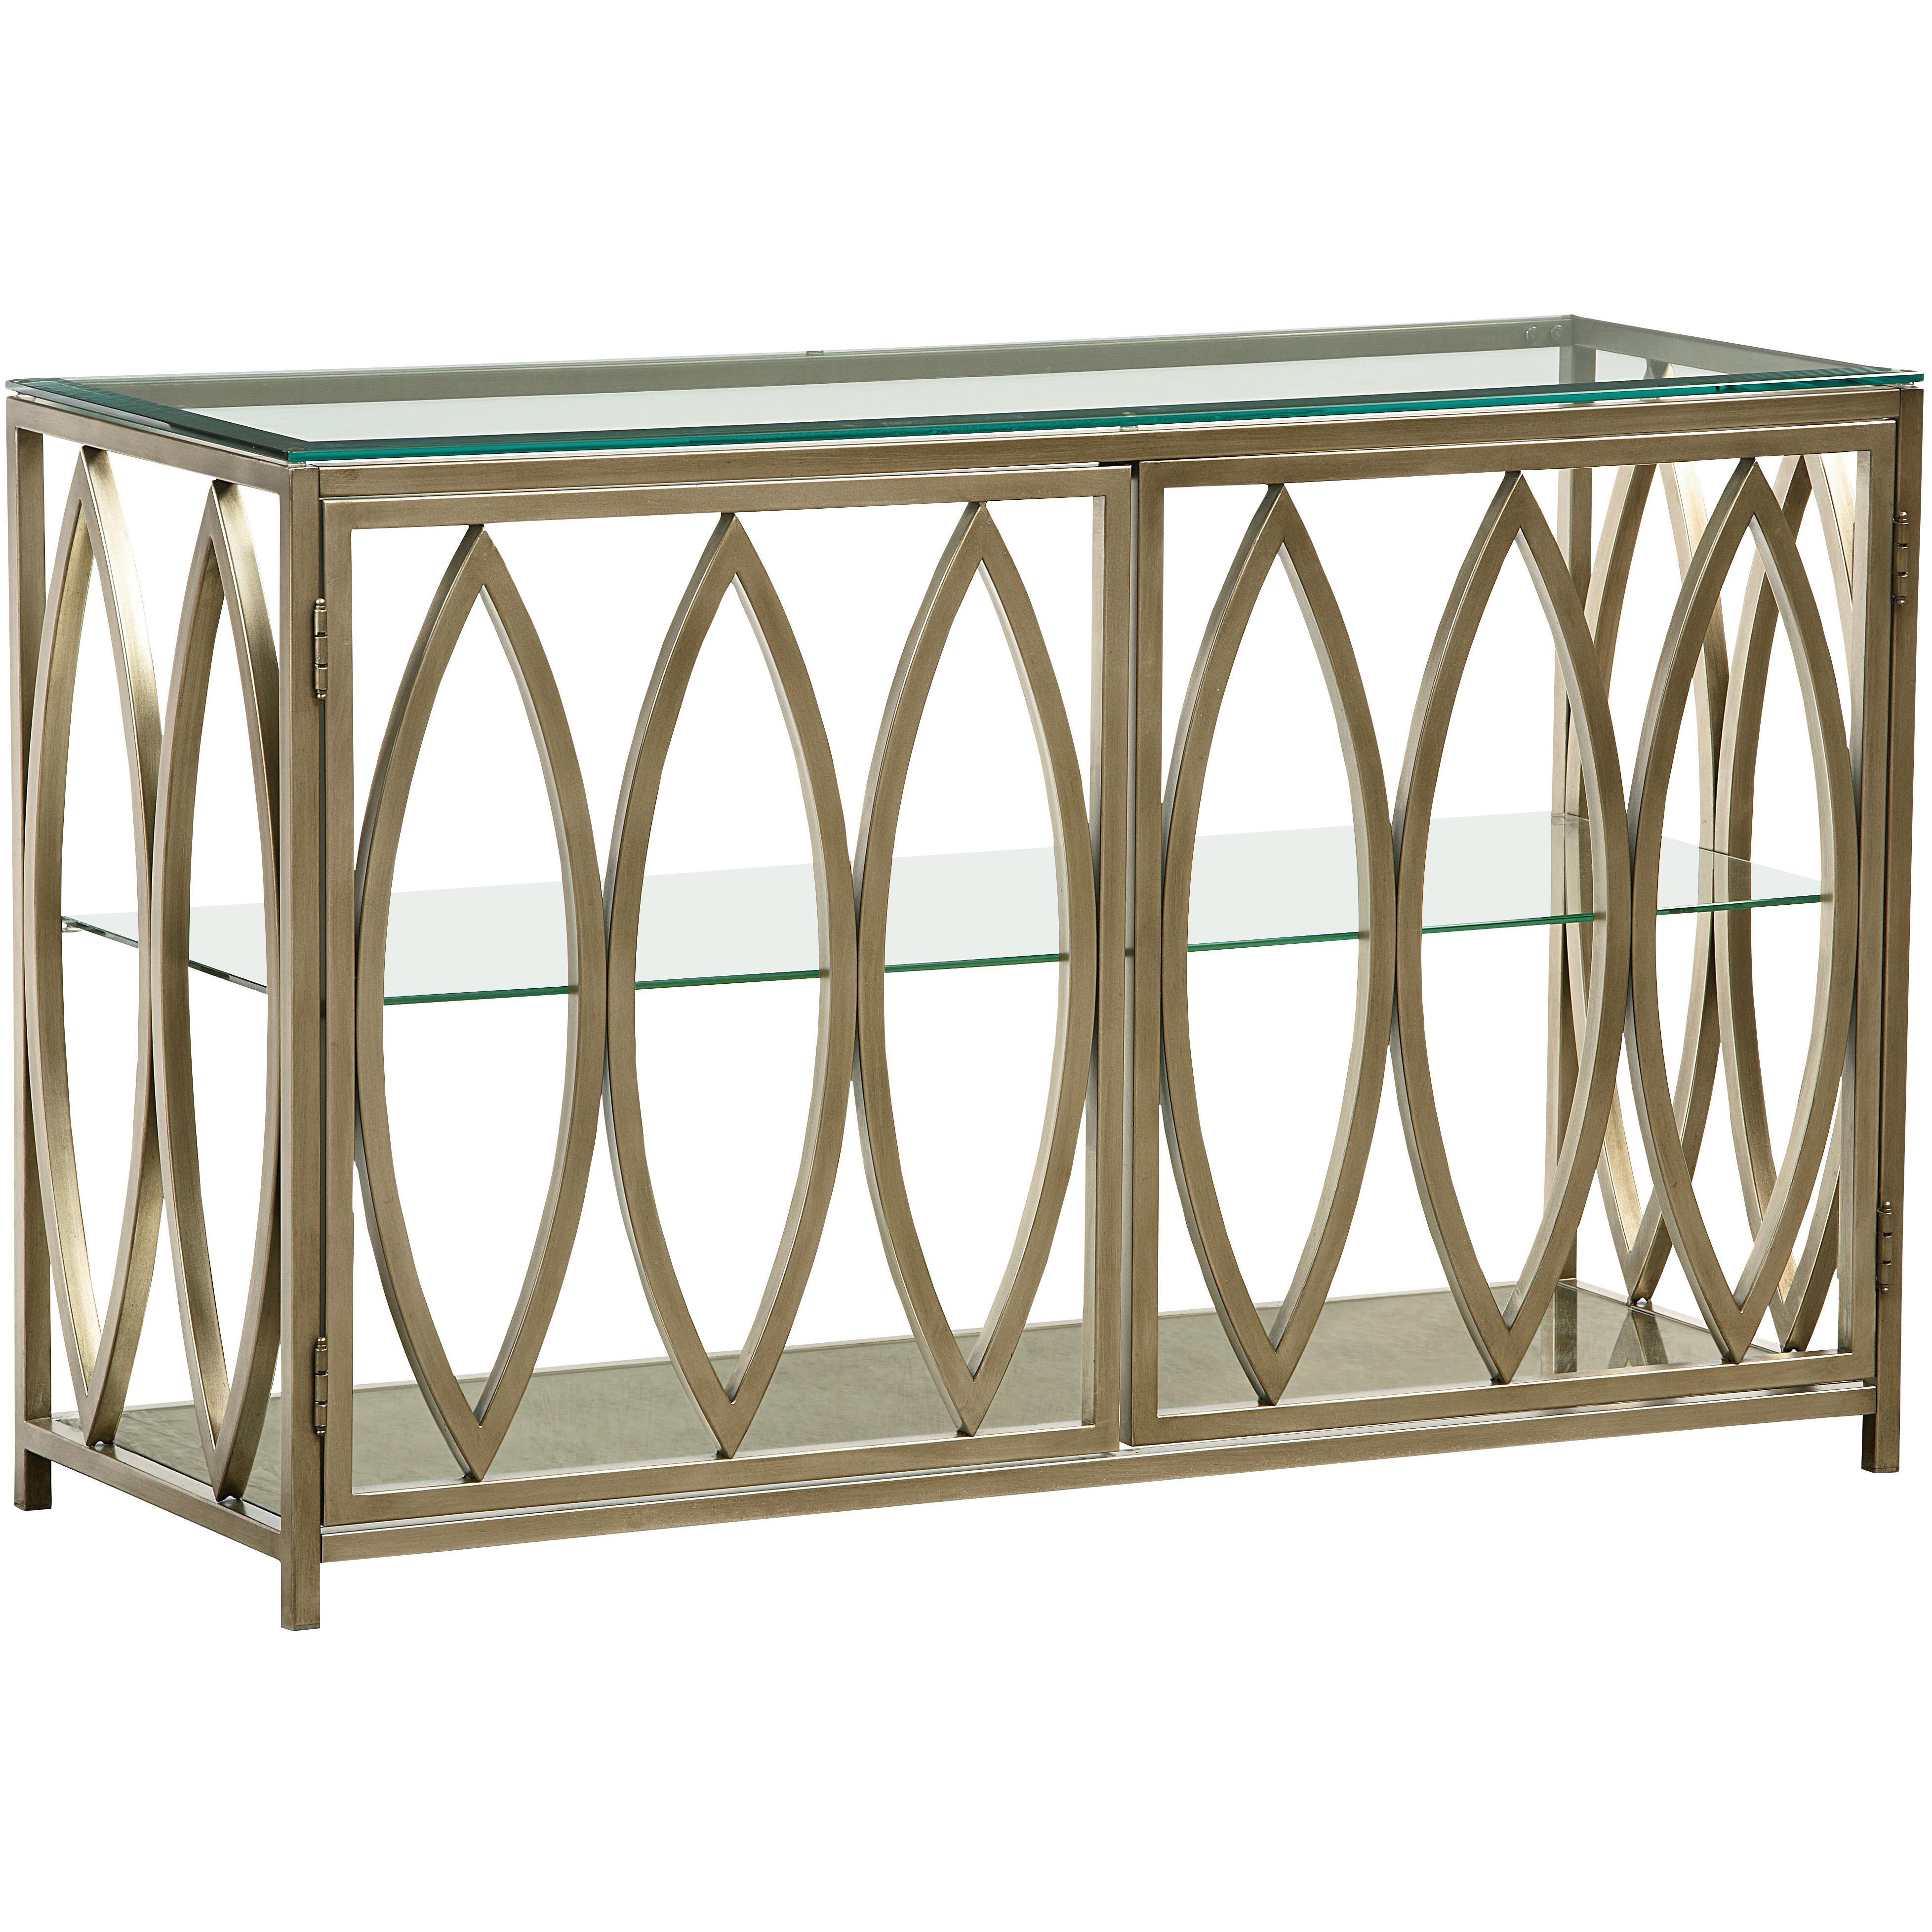 Standard Furniture Santa Barbara Sofa Table Item Number 27916